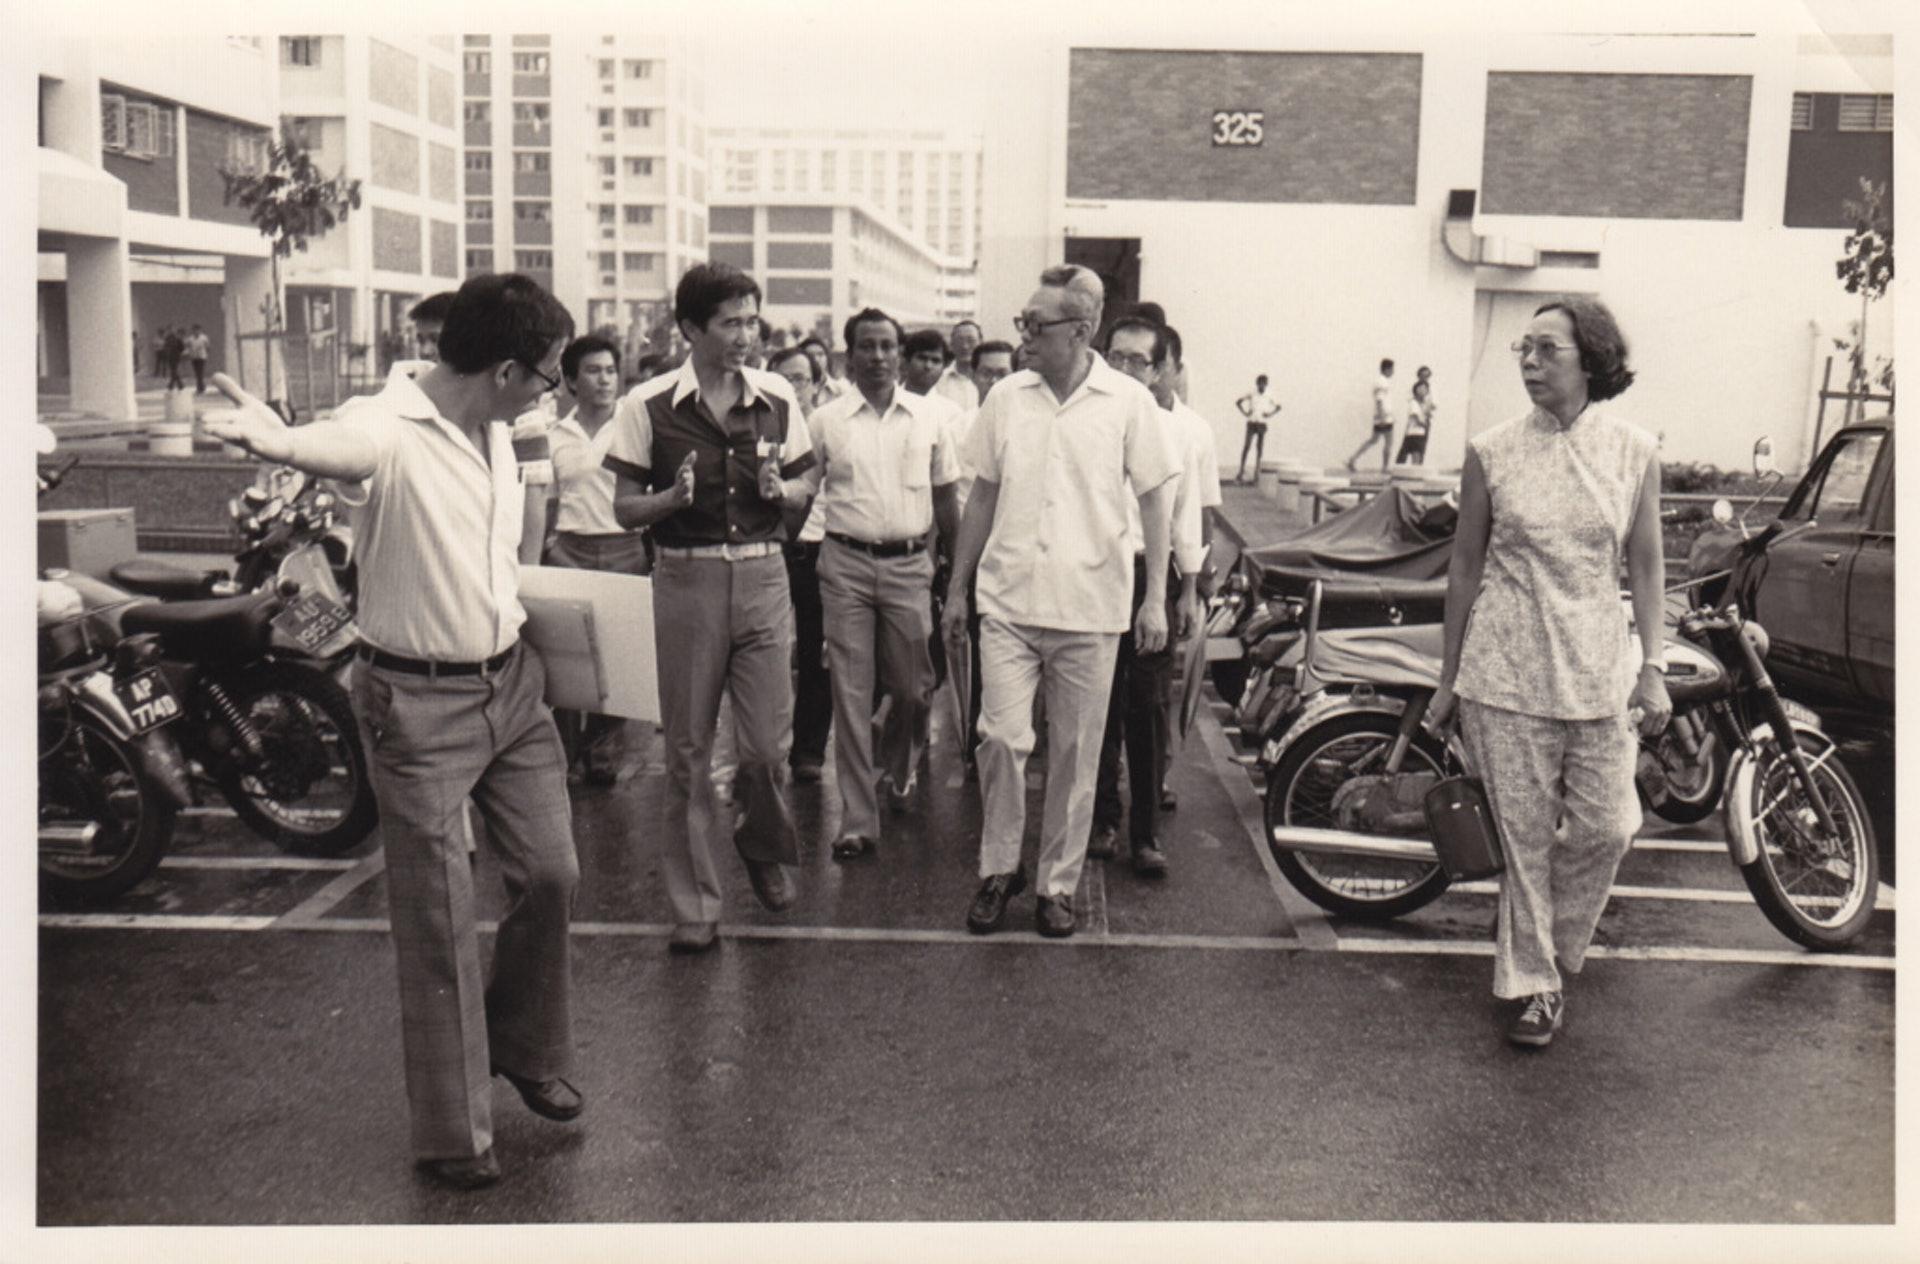 劉太格提到,與已故新加坡總理李光耀共事期間,李從不曾要求興建任何標誌性建築,而是反覆強調要怎樣解決人民生活、土地的問題。(劉太格提供)